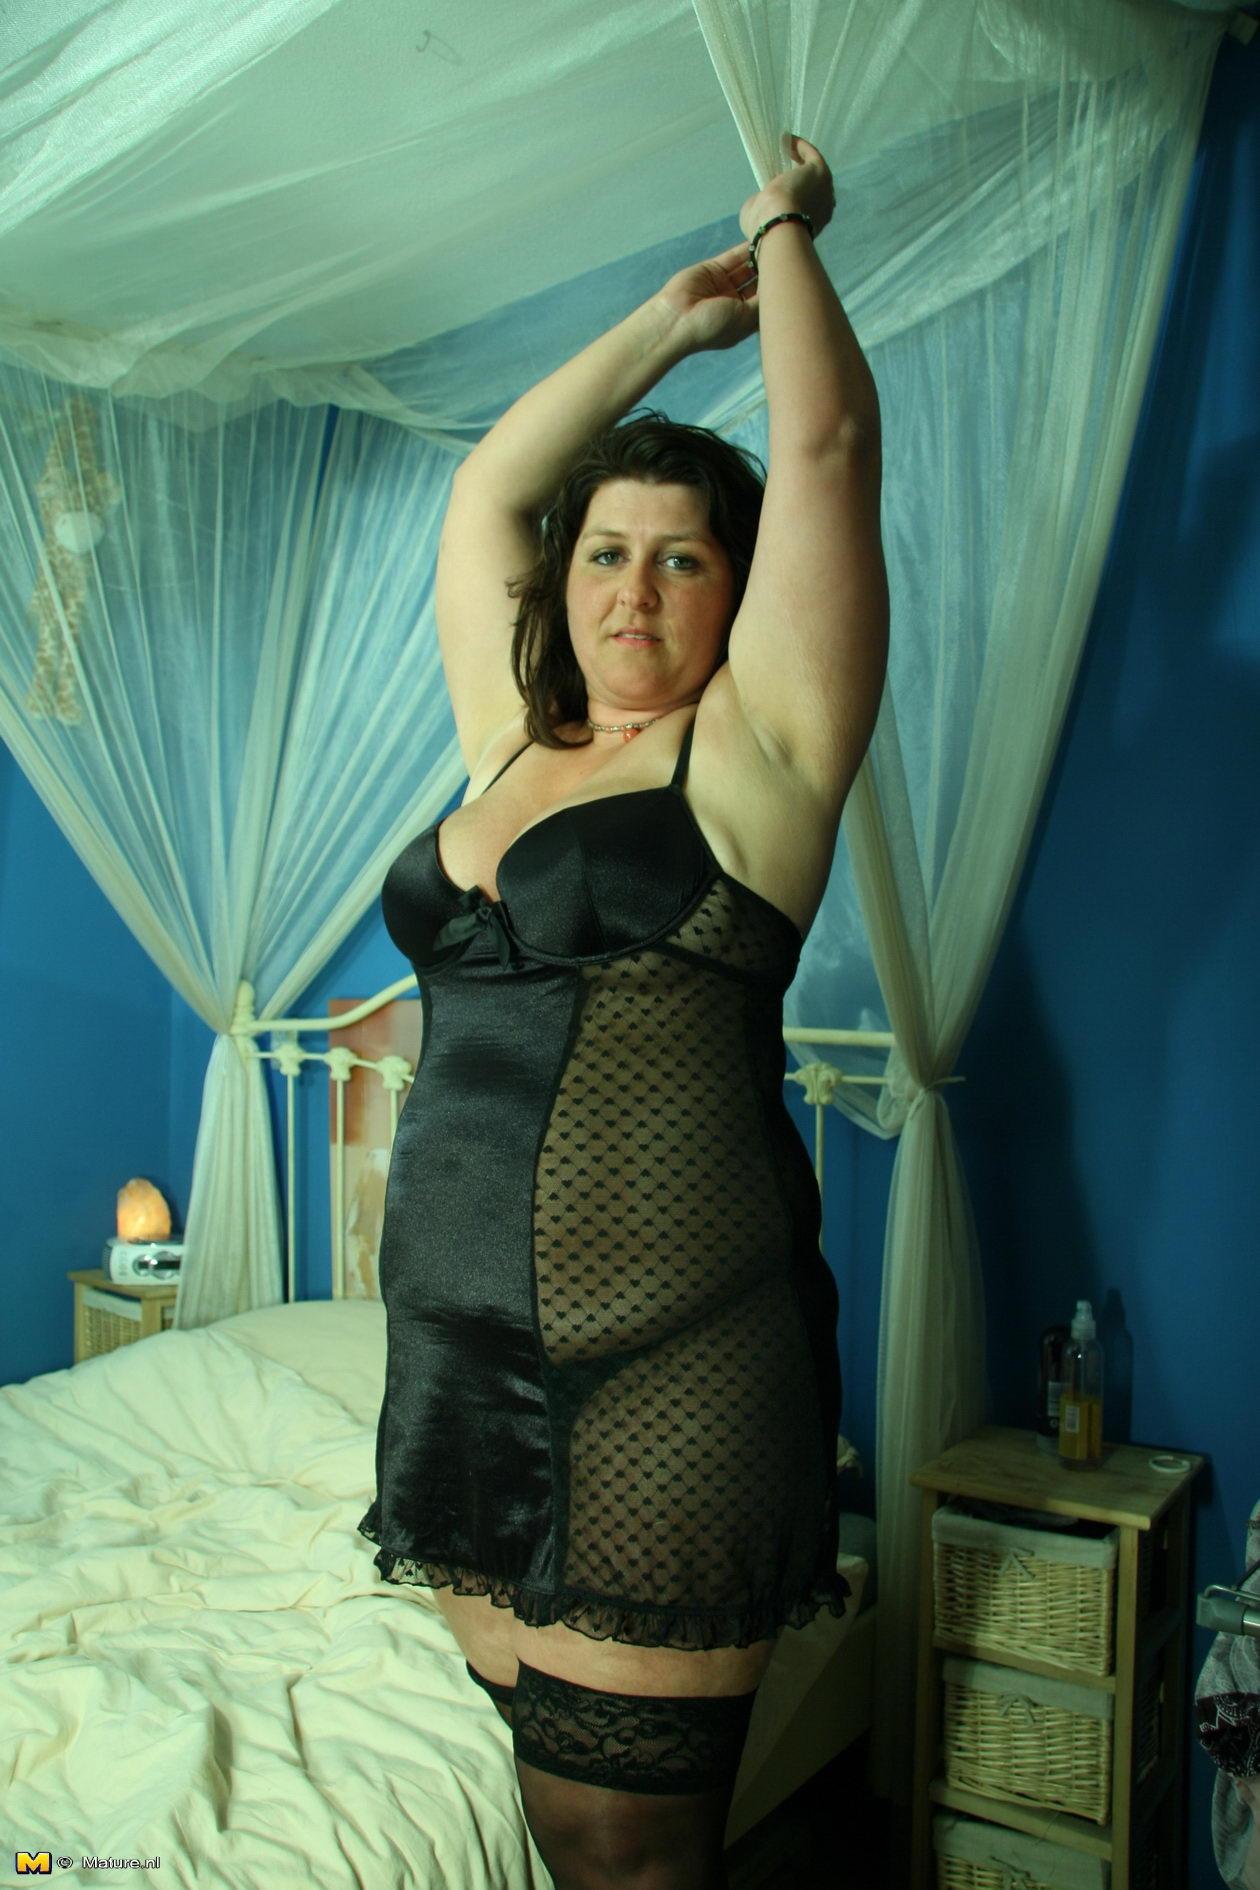 Ебу секс в атласной одежде фото